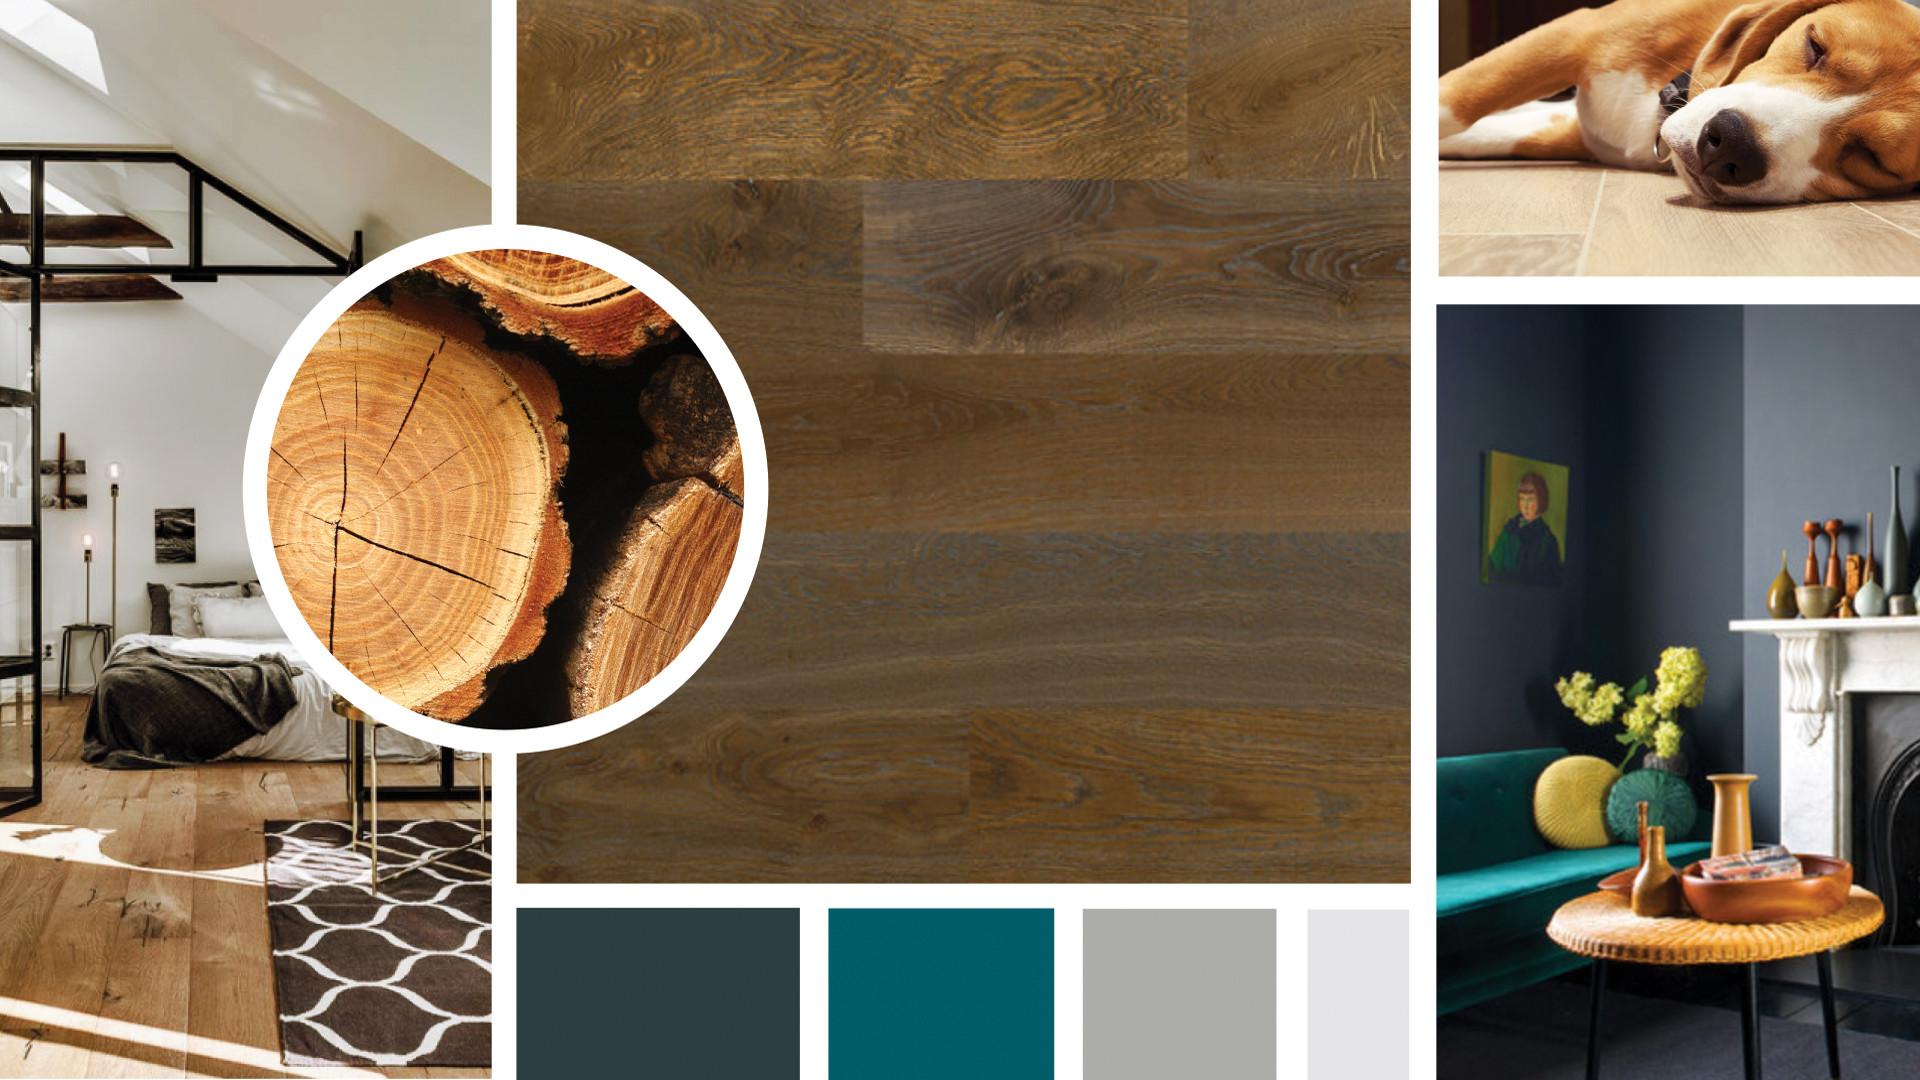 types of dark hardwood floors of 4 latest hardwood flooring trends of 2018 lauzon flooring in new hardwood floorings